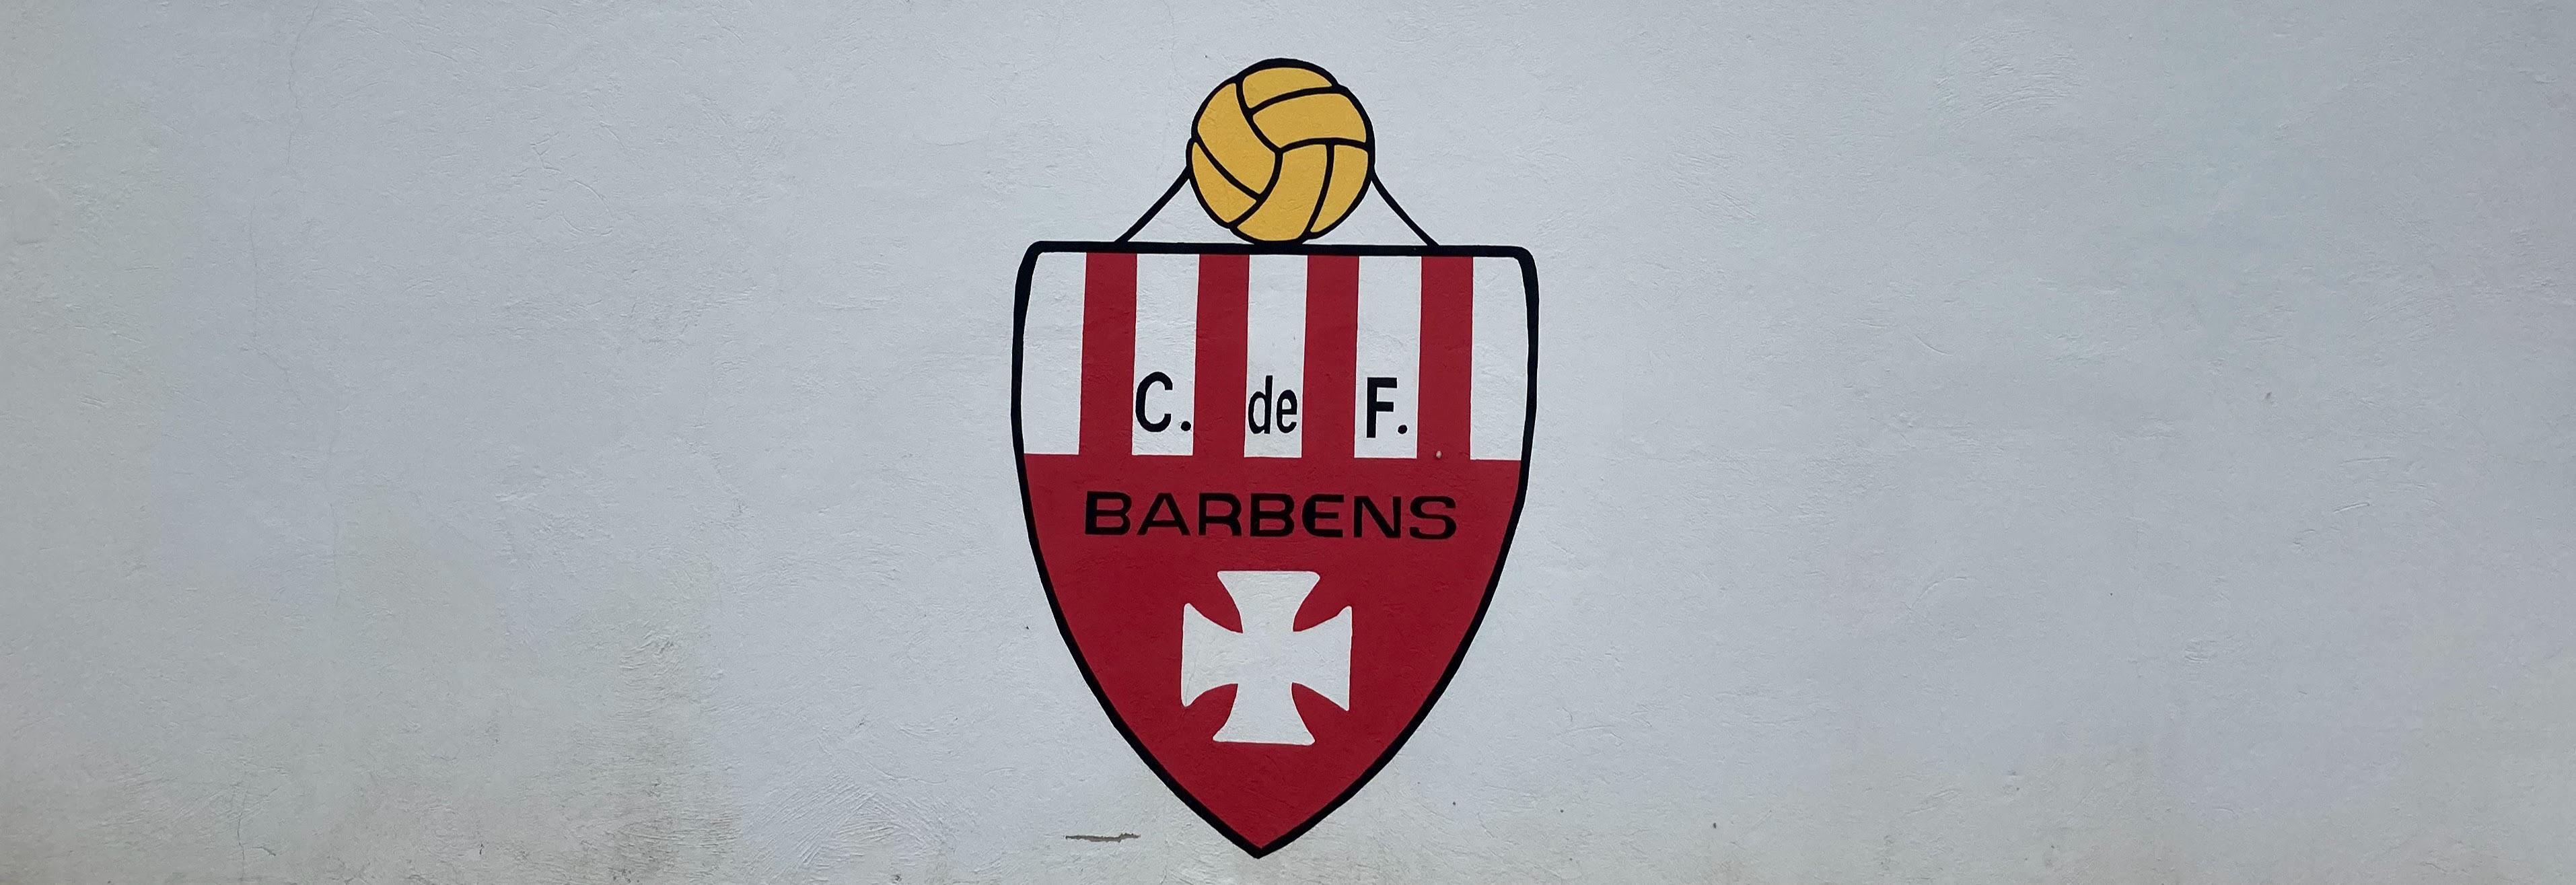 F. C. Barbens